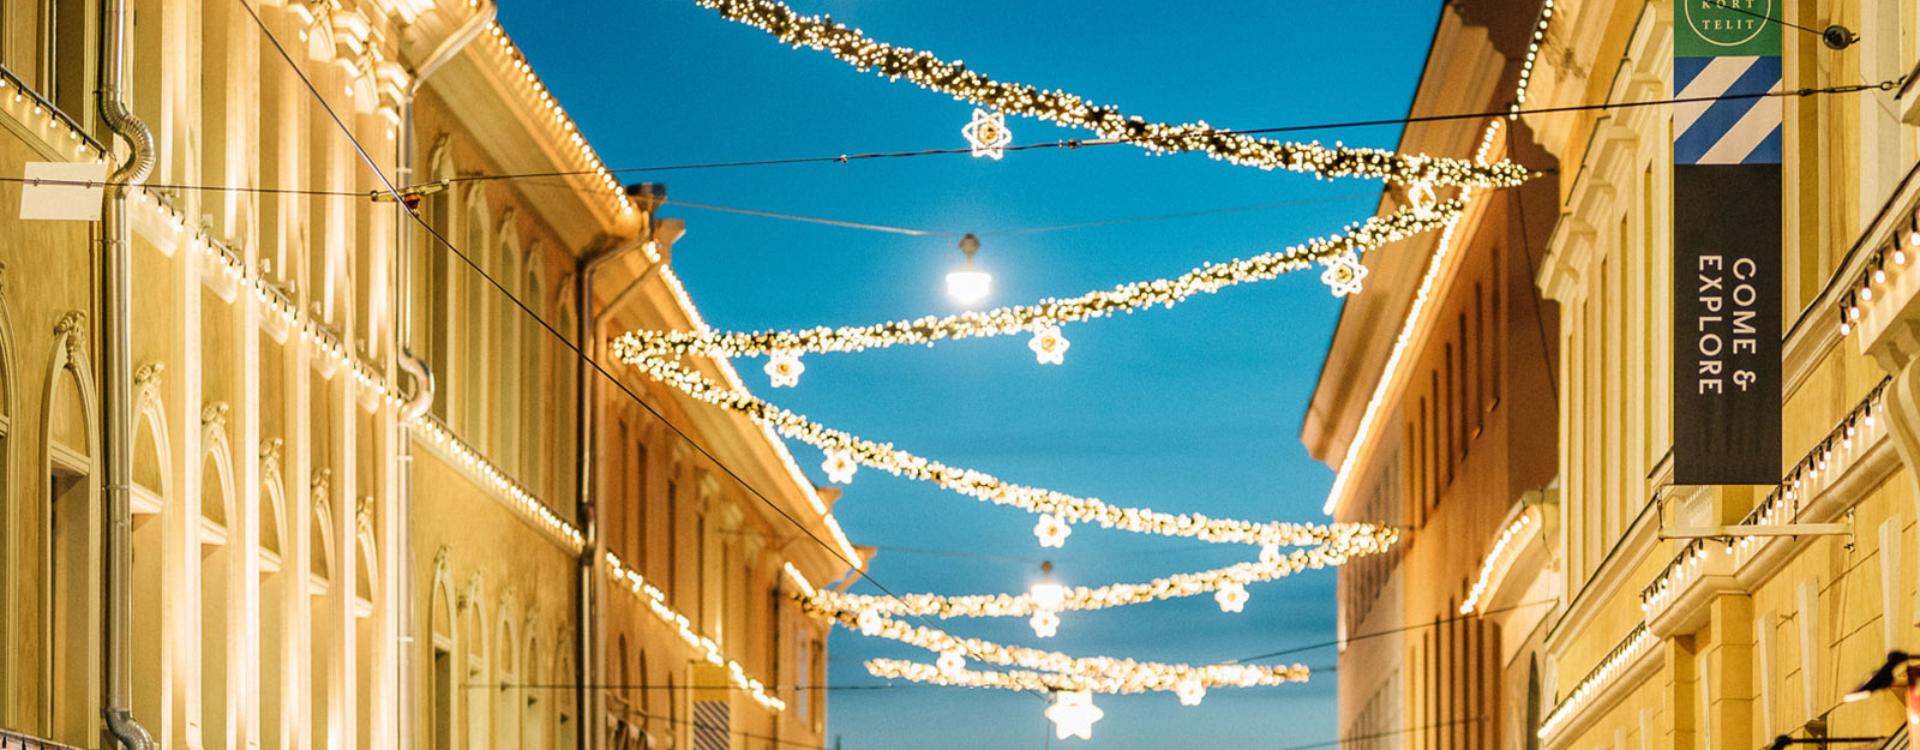 Torikorttelit jouluvalaistus